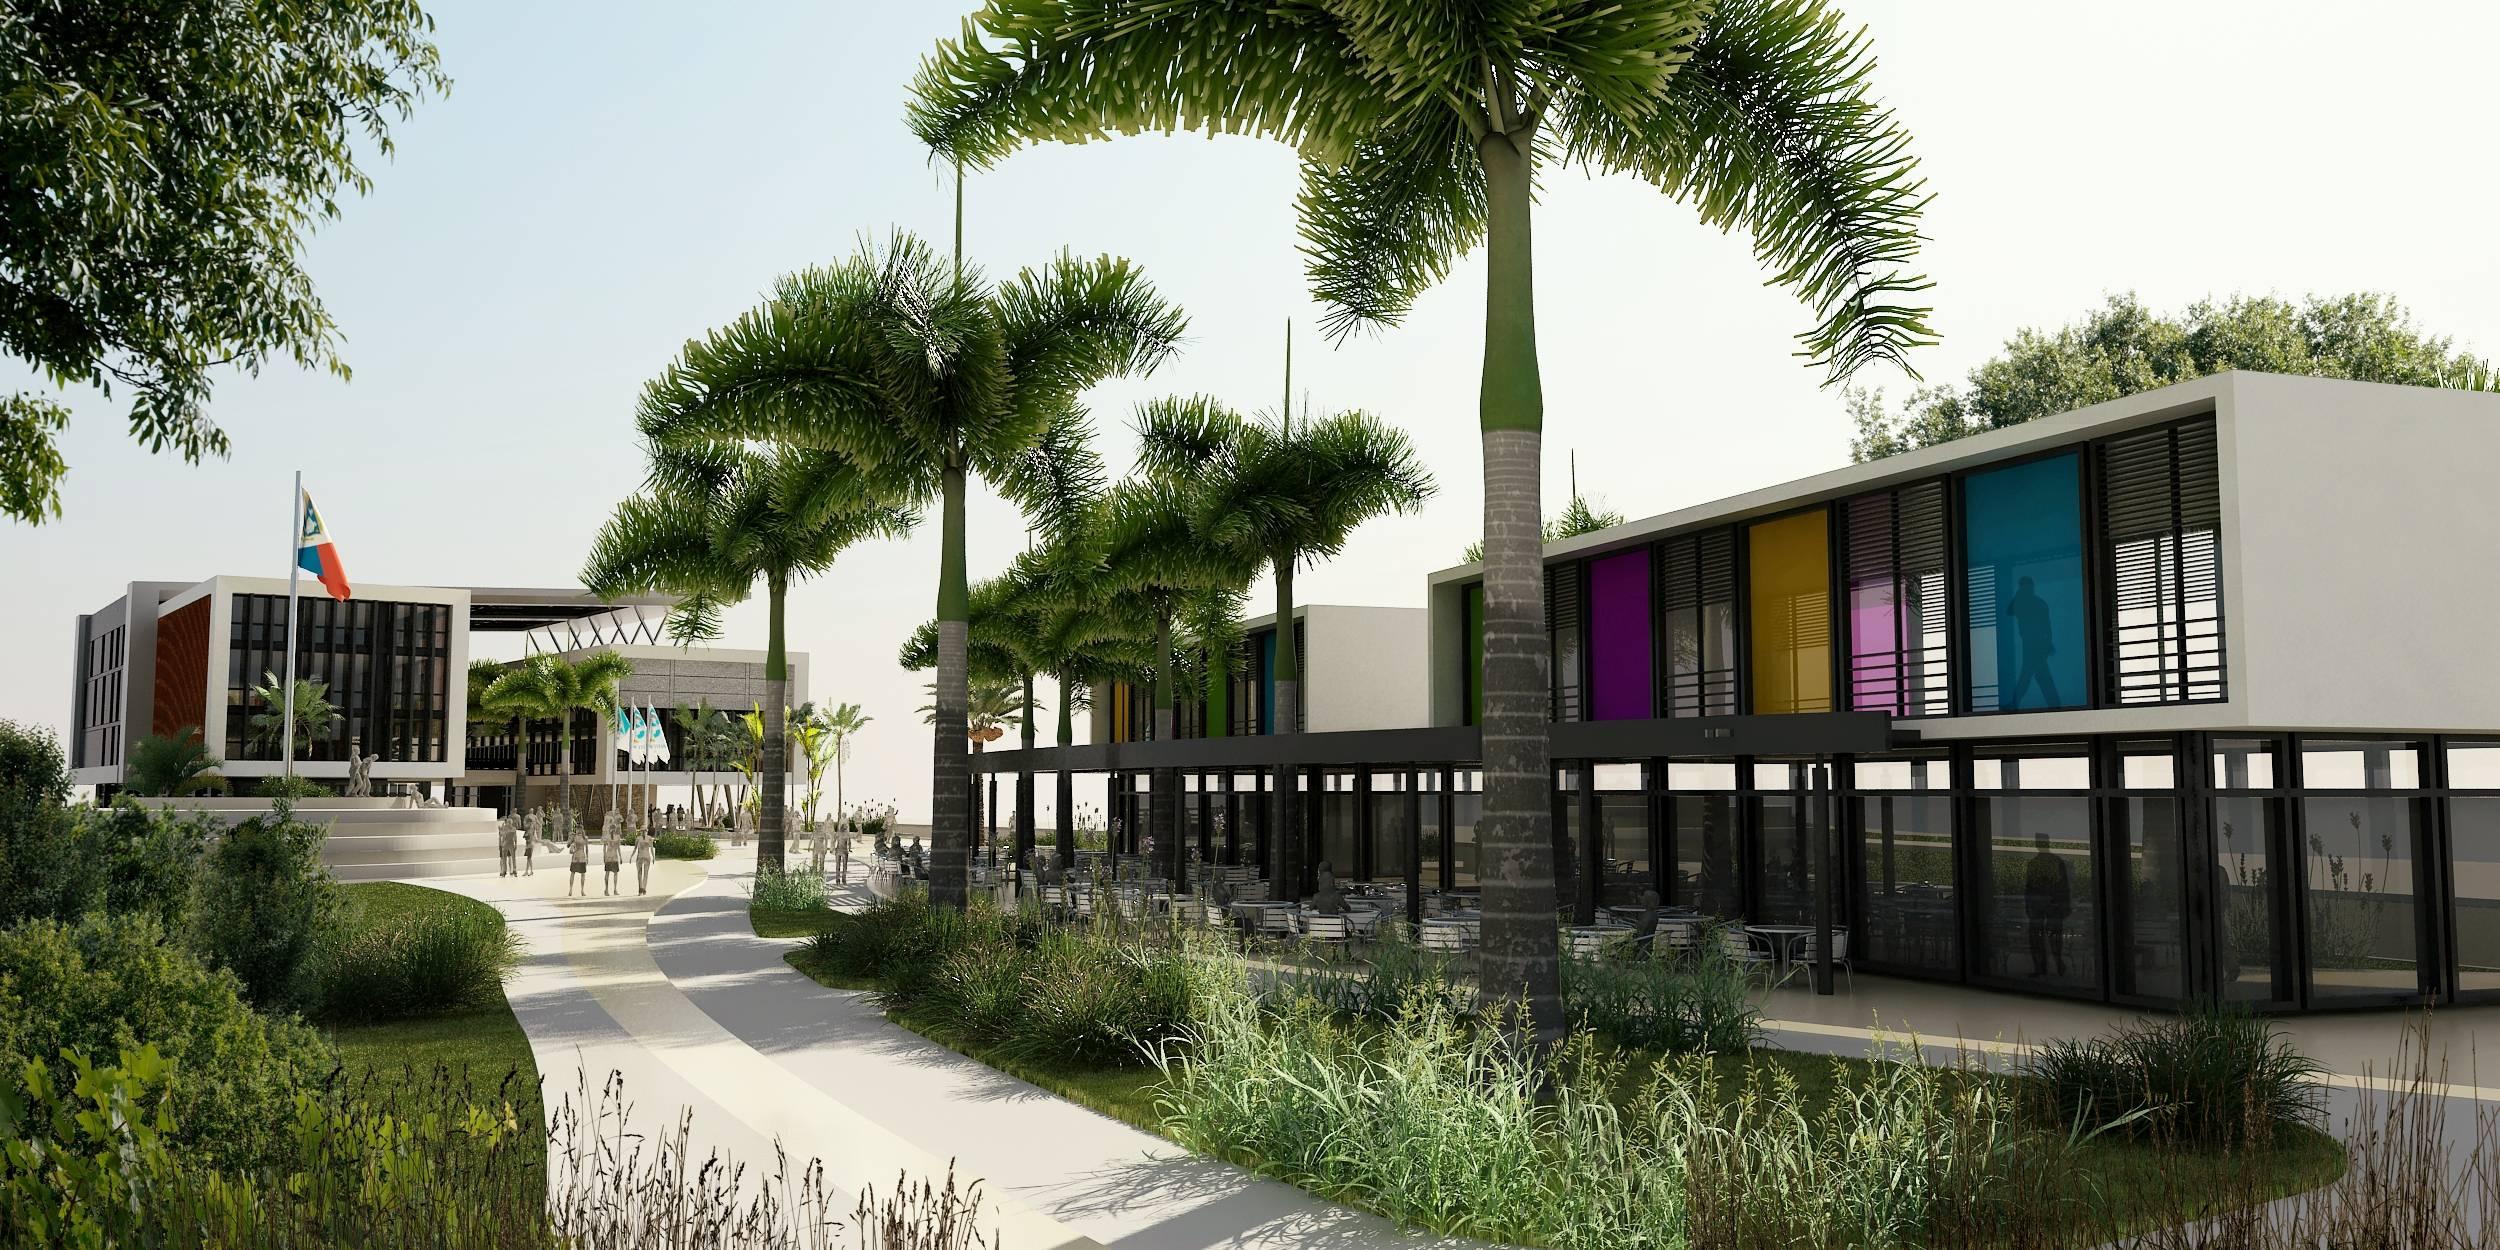 Chambre de Commerce Sint Maarten - 465c6-2_Fotor.jpg